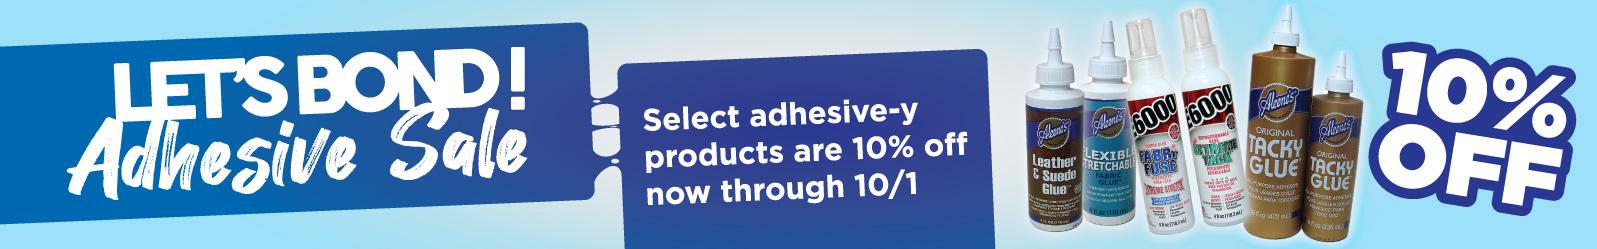 Adhesive Sale